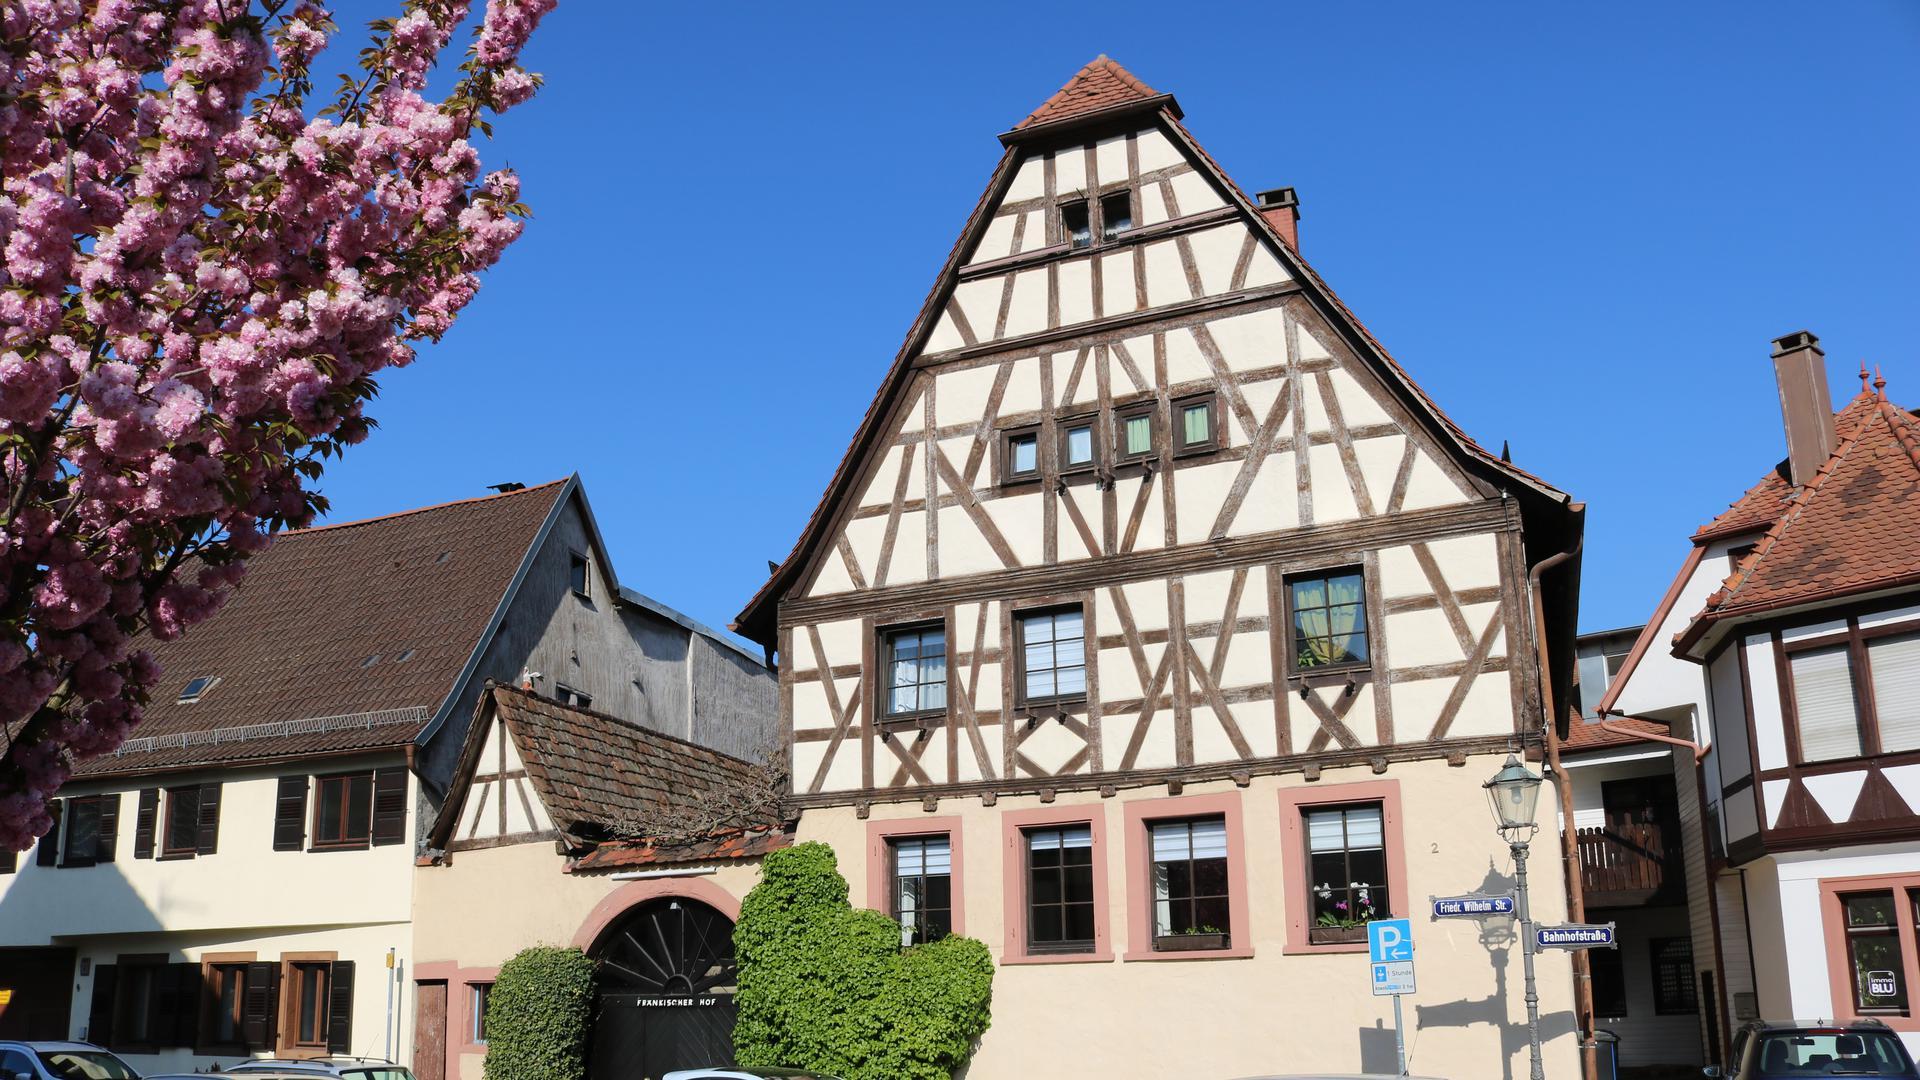 In 1621 erbaut: Das Haupthaus der Fränkischen Hofanlage, die im Ganzen erhalten blieb.